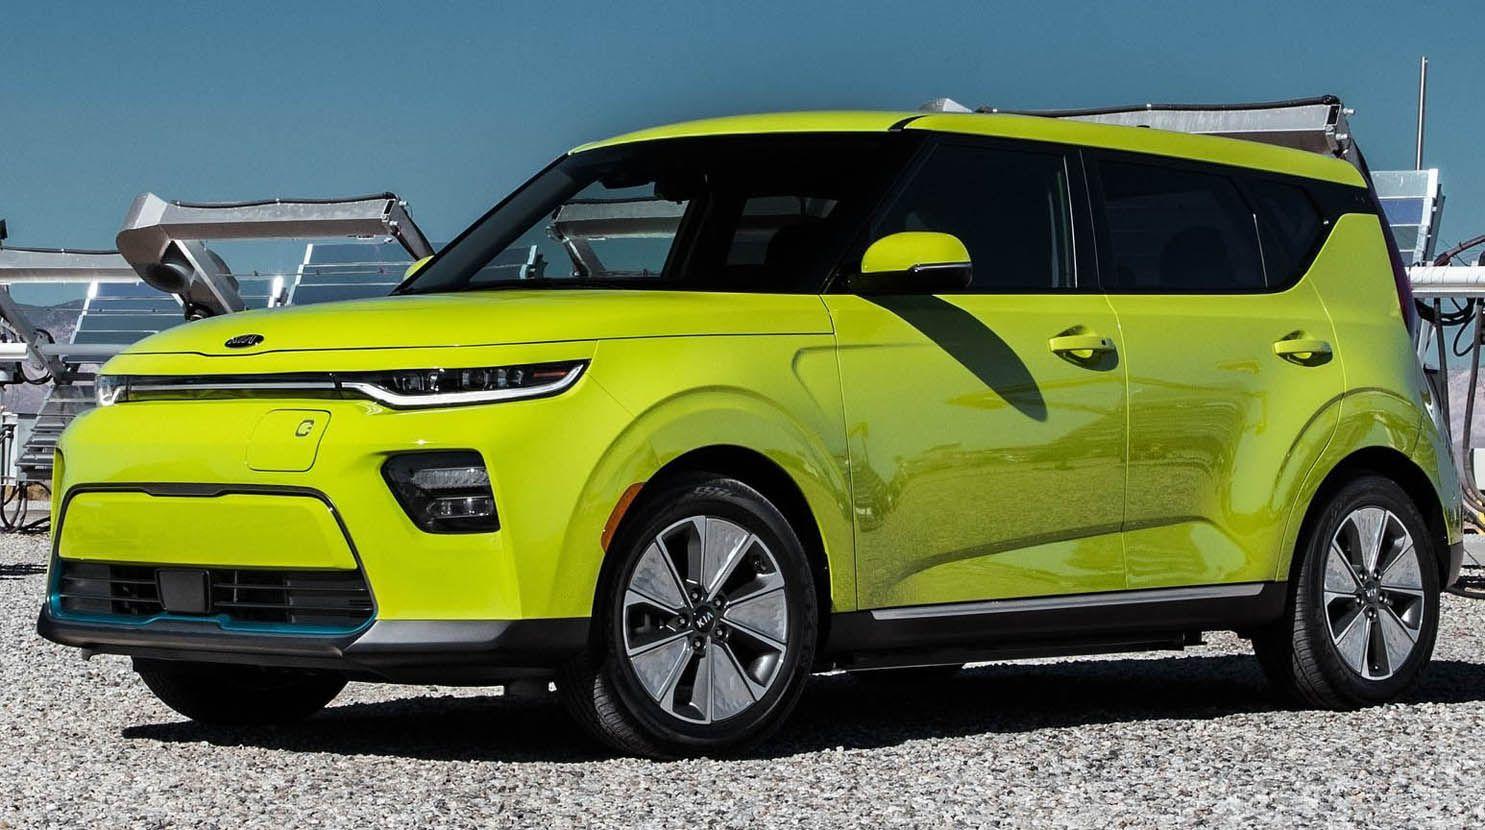 كيا سول 2020 الجديدة كليا من أجمل تصاميم سيارات الكروس أوفر الصغيرة لذوي الذوق الرفيع موقع ويلز Kia Soul Kia Chevrolet Trax